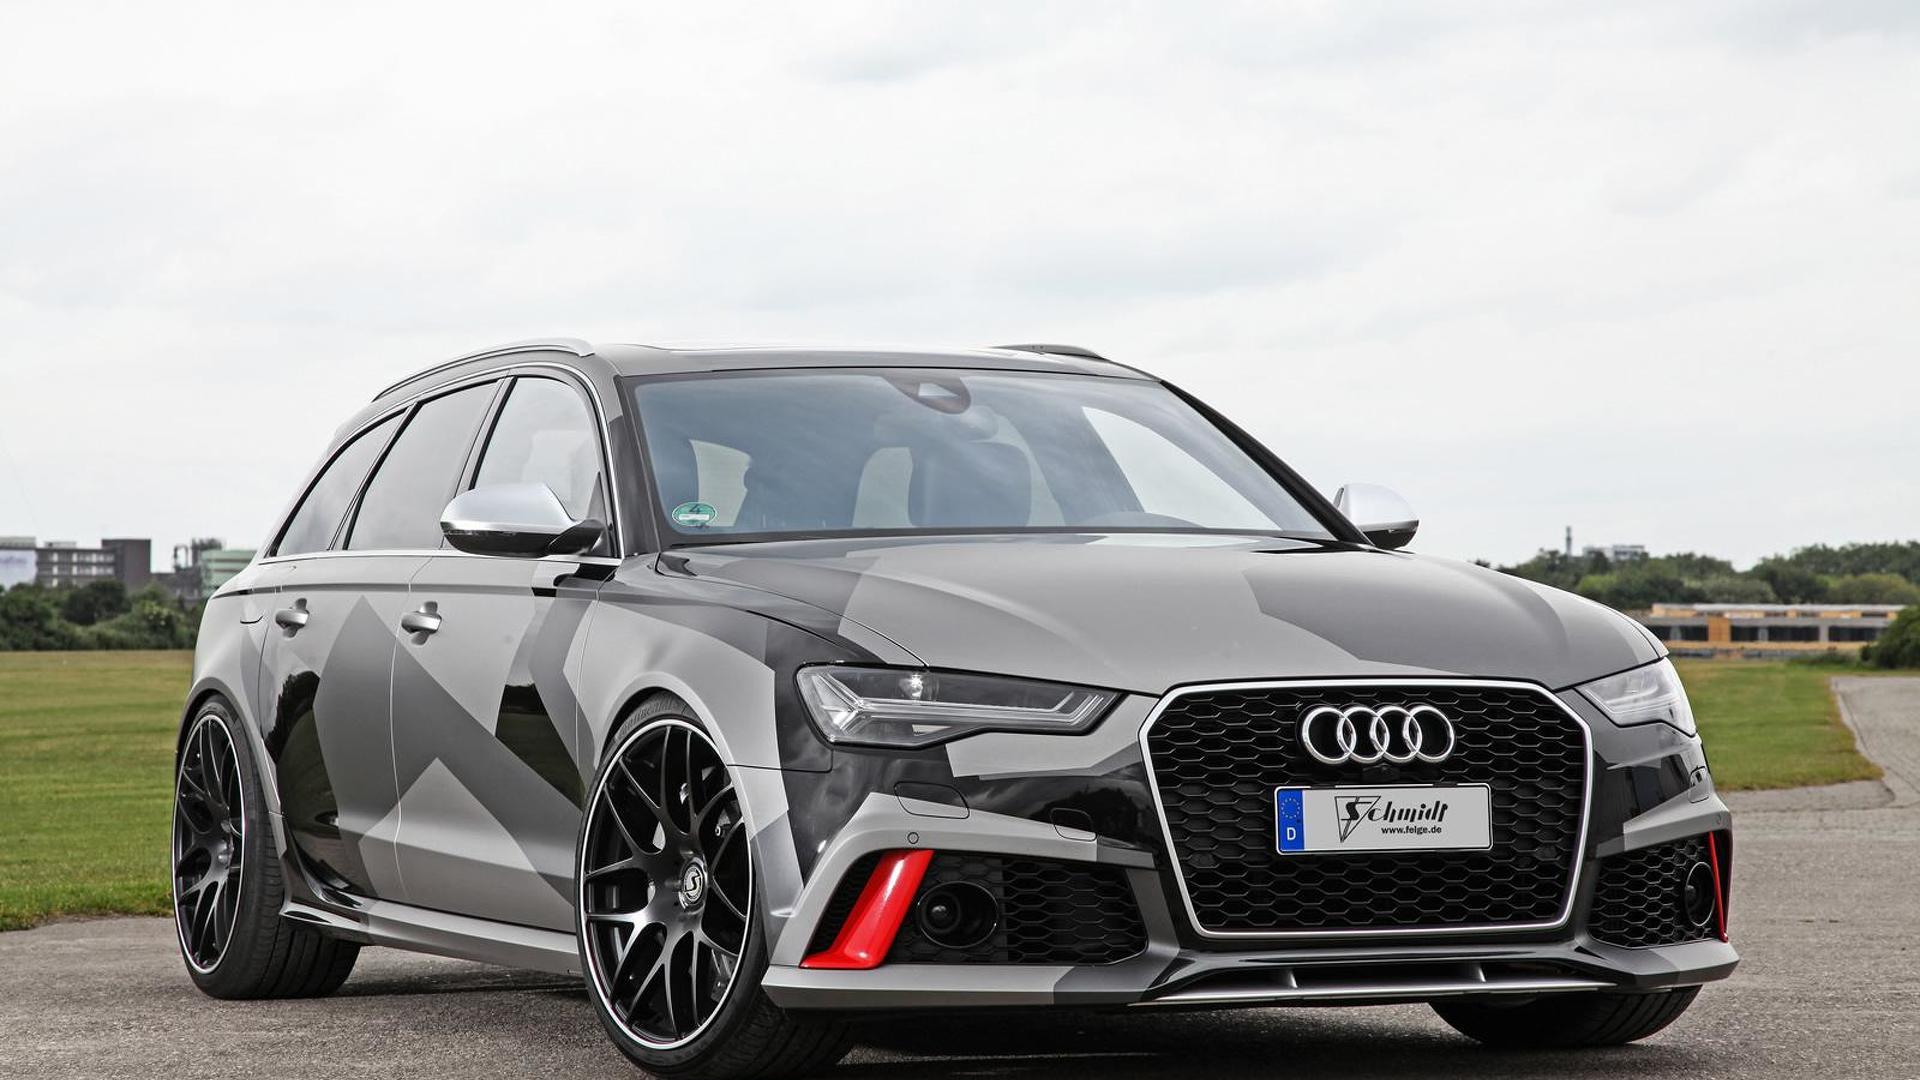 Kelebihan Kekurangan Audi Rs6 2015 Harga